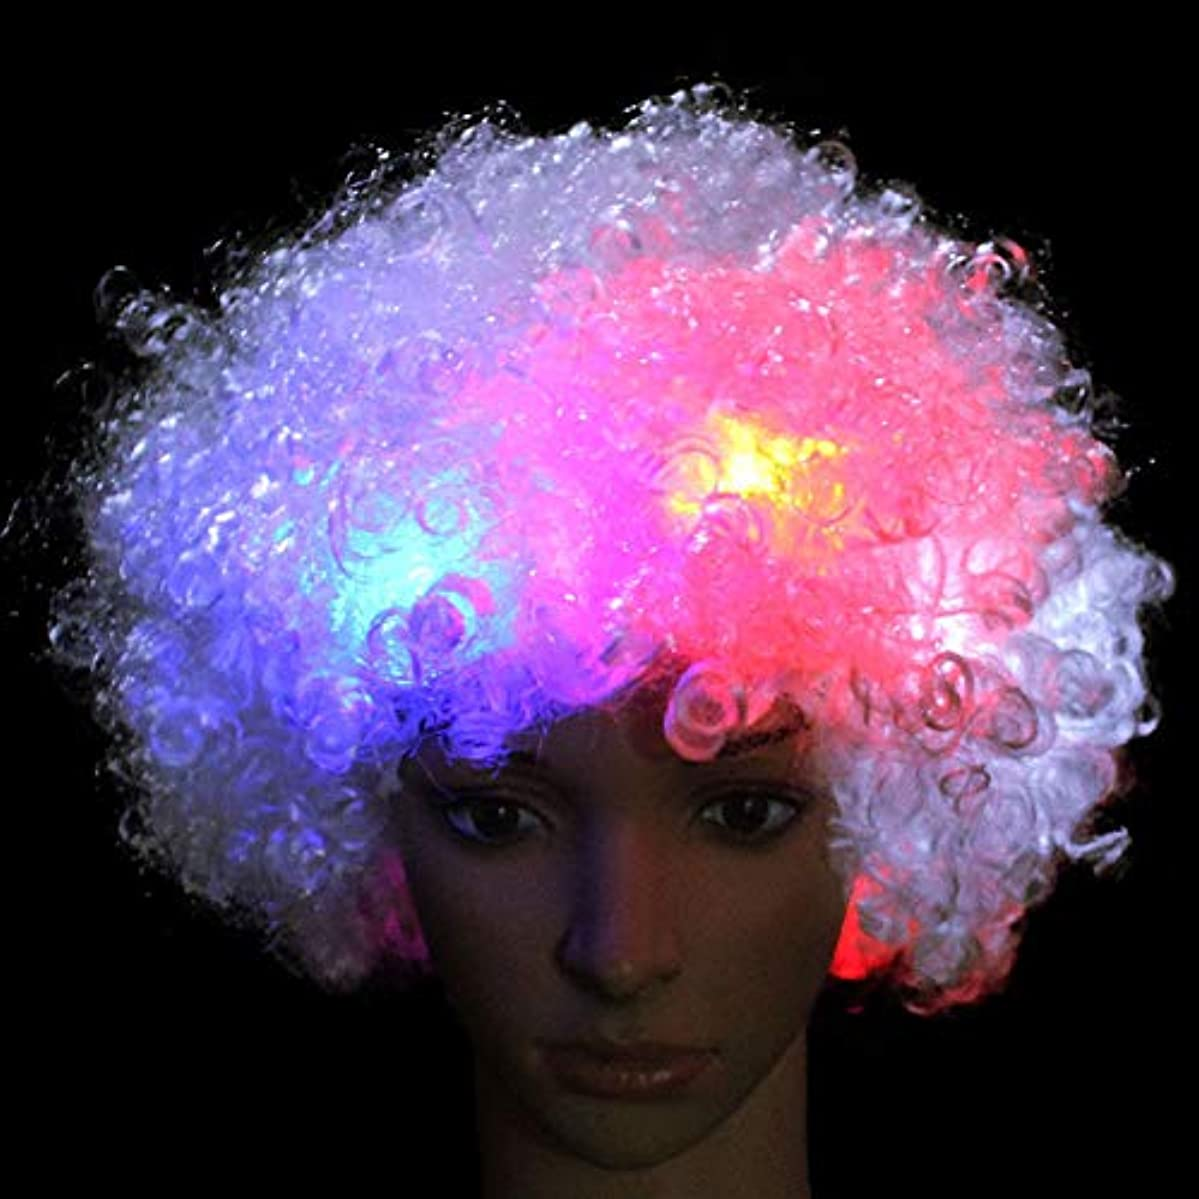 蒸留するスピーカー不測の事態Fenghong 主導かつら クール かつら with 多色 LED いたずら 装飾